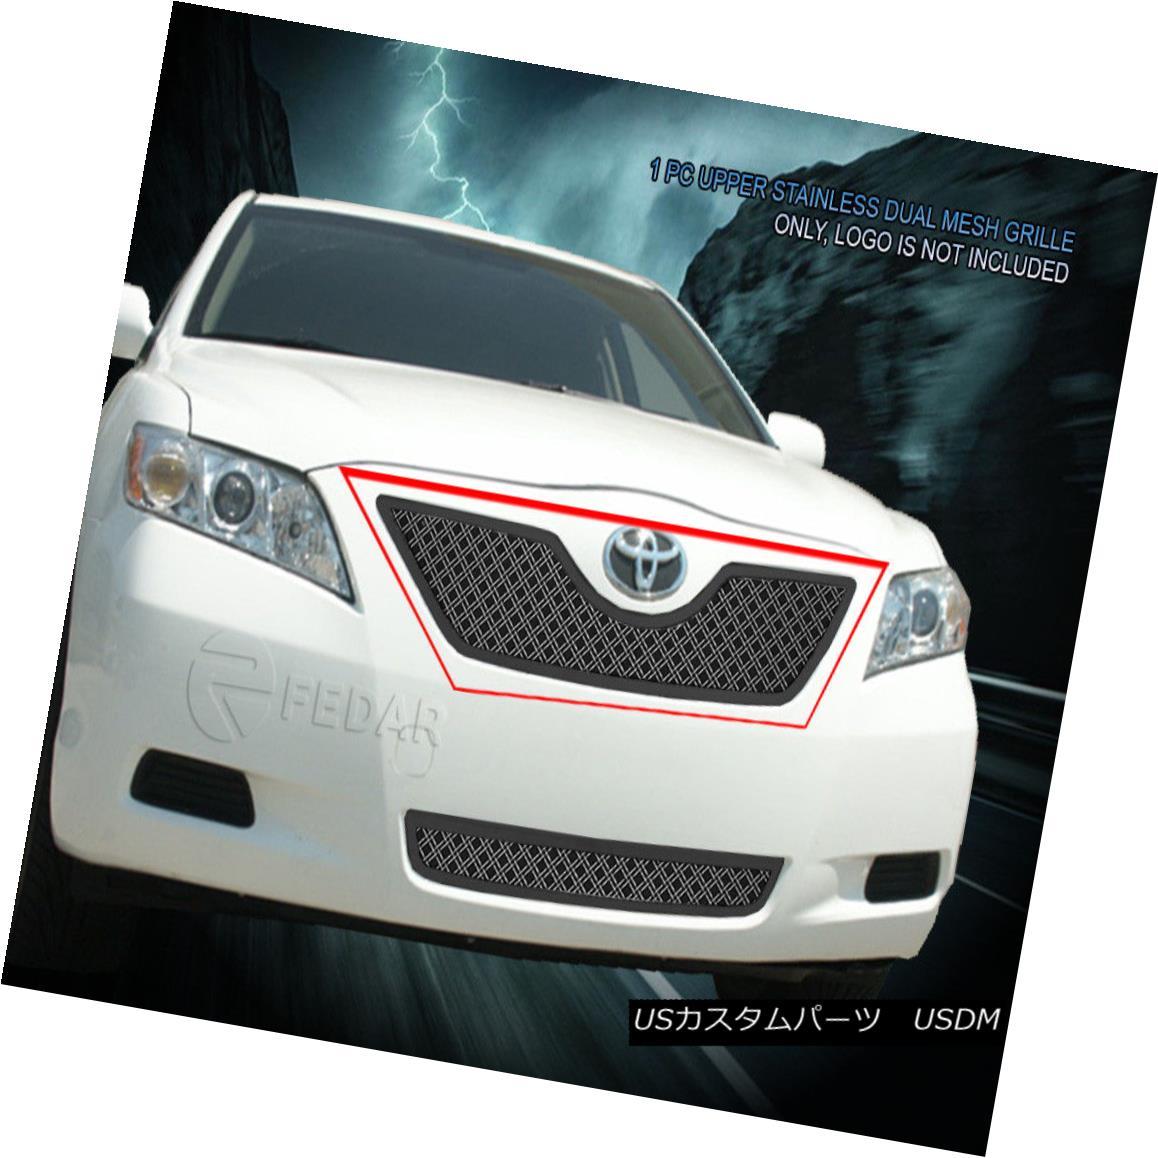 グリル Fedar Fits 2007-2009 Toyota Camry Polished Upper Dual Weave Mesh Grille Insert Fedarは2007-2009年のトヨタカムリを研磨しました。上部二重織りメッシュグリルインサート